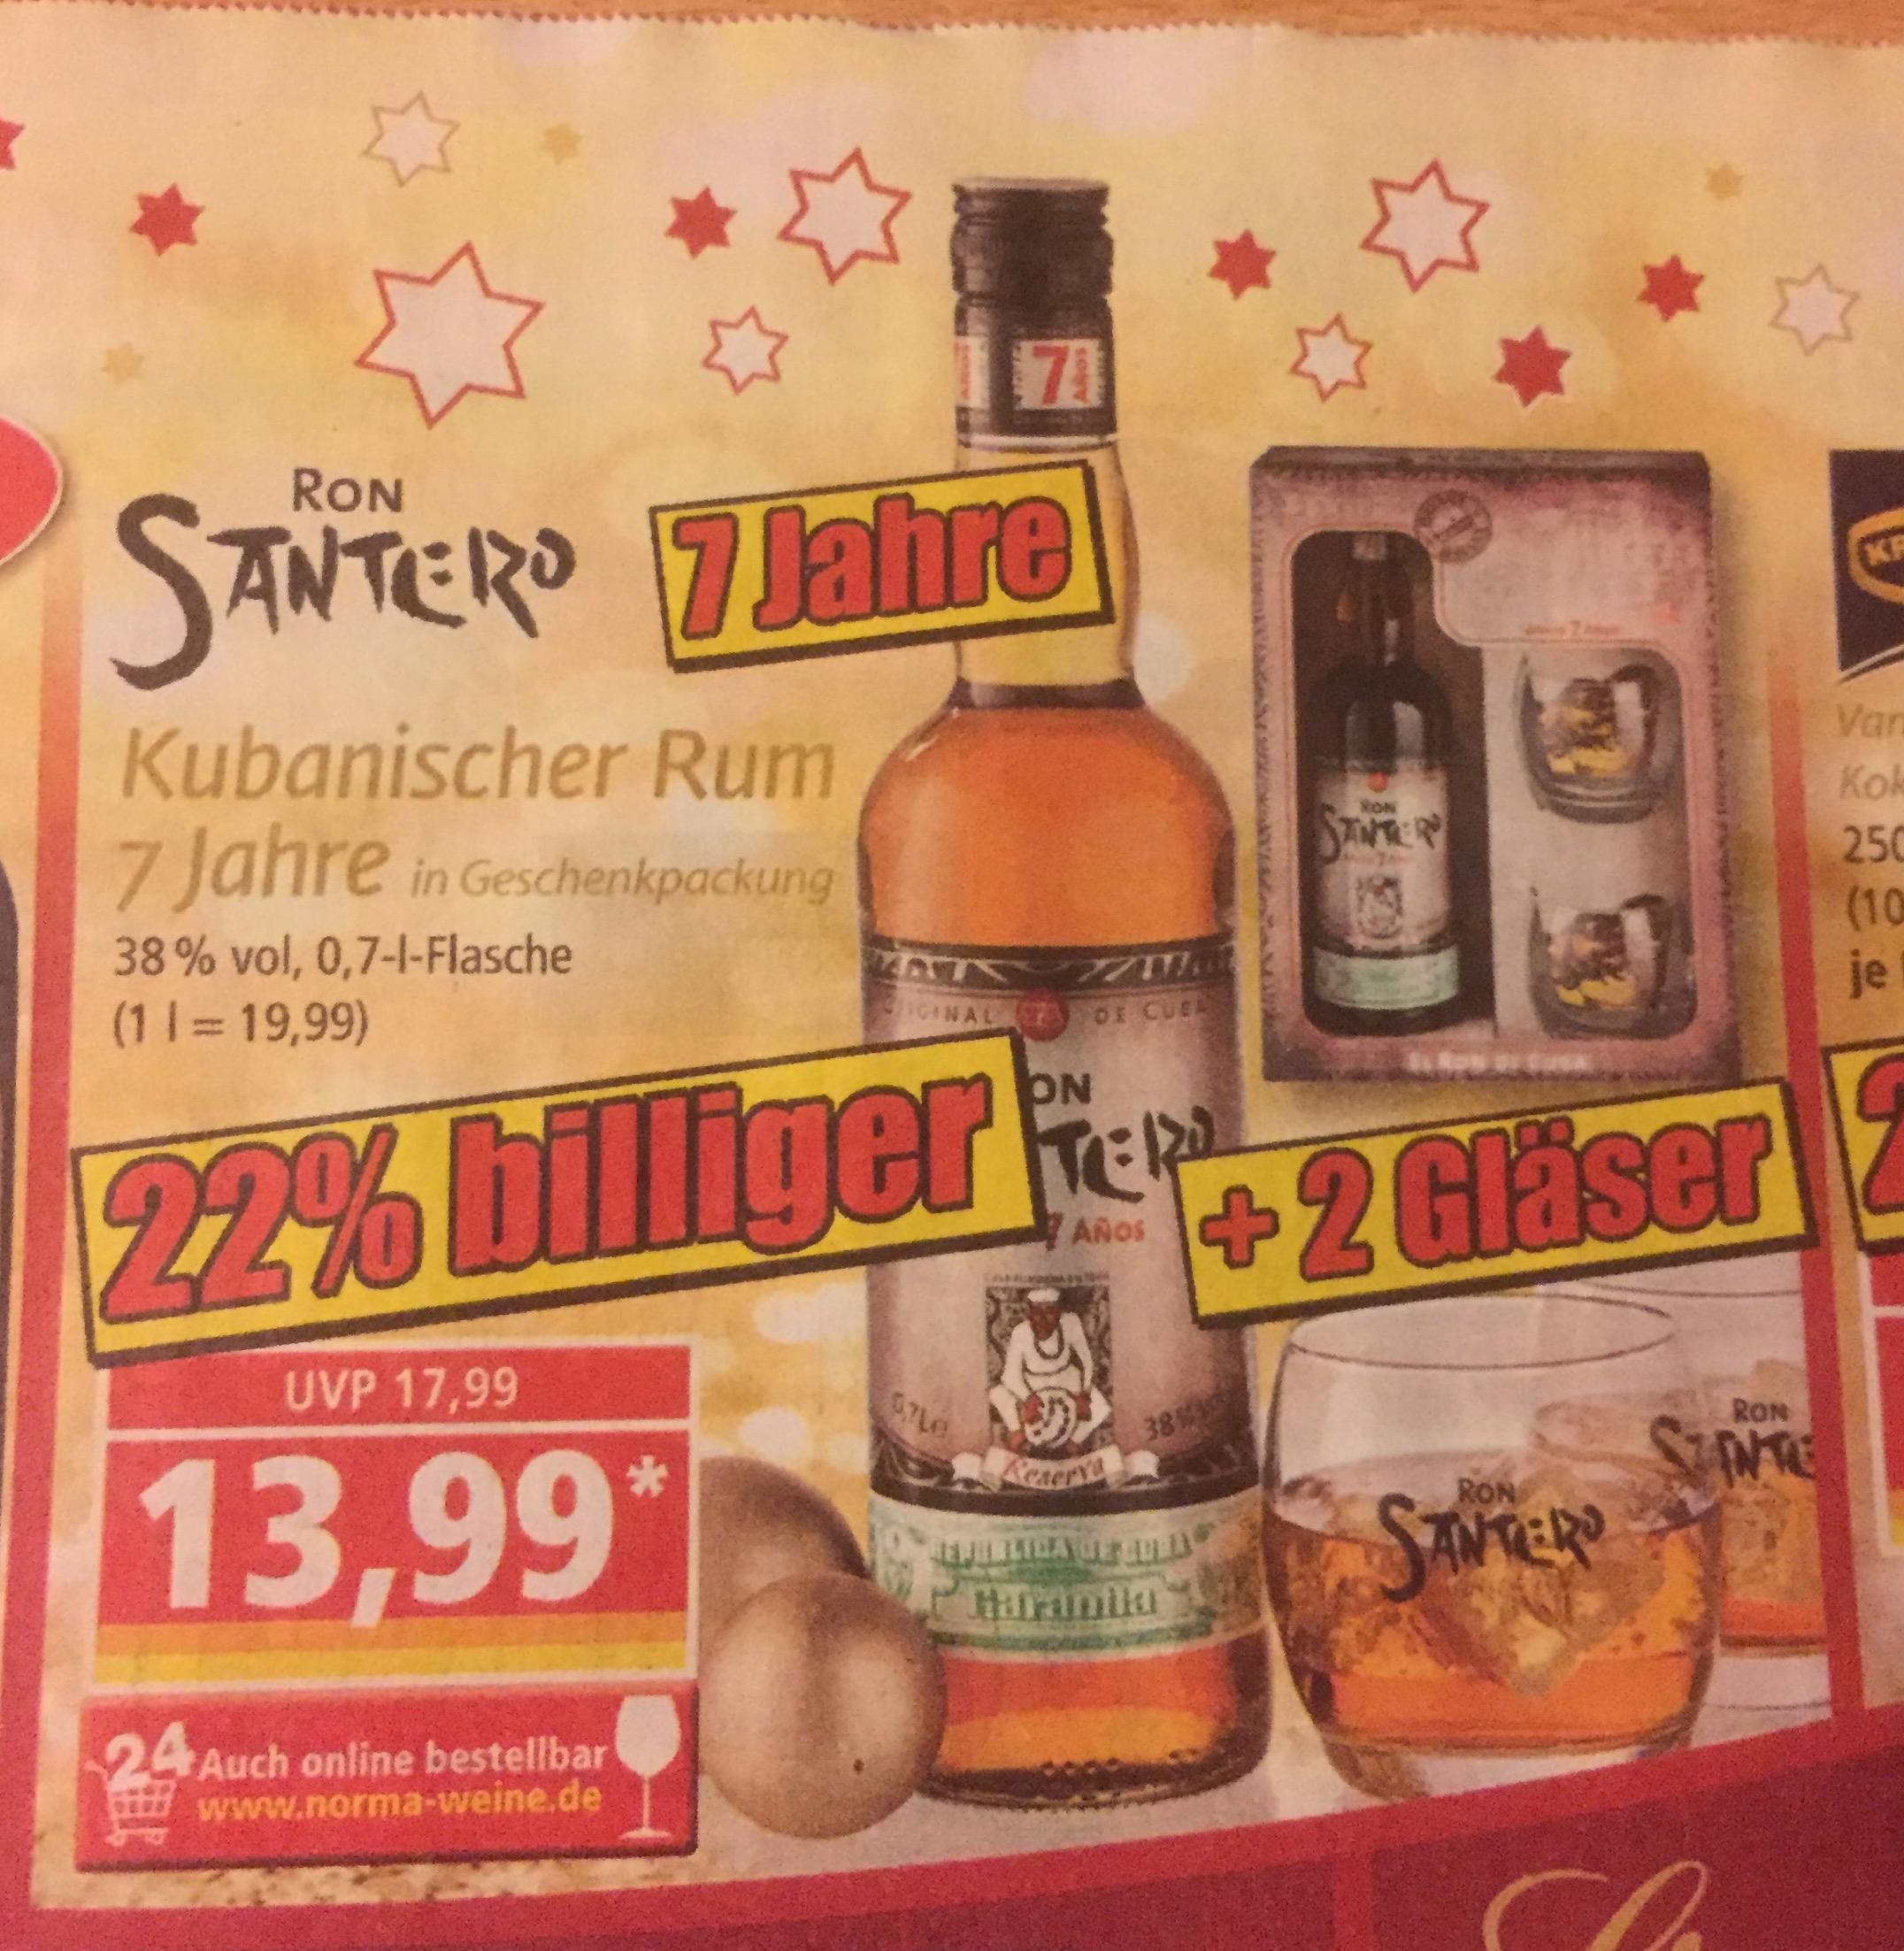 [Norma Raum Landshut ] Ron Santero Kubanischer Rum 7 Jahre